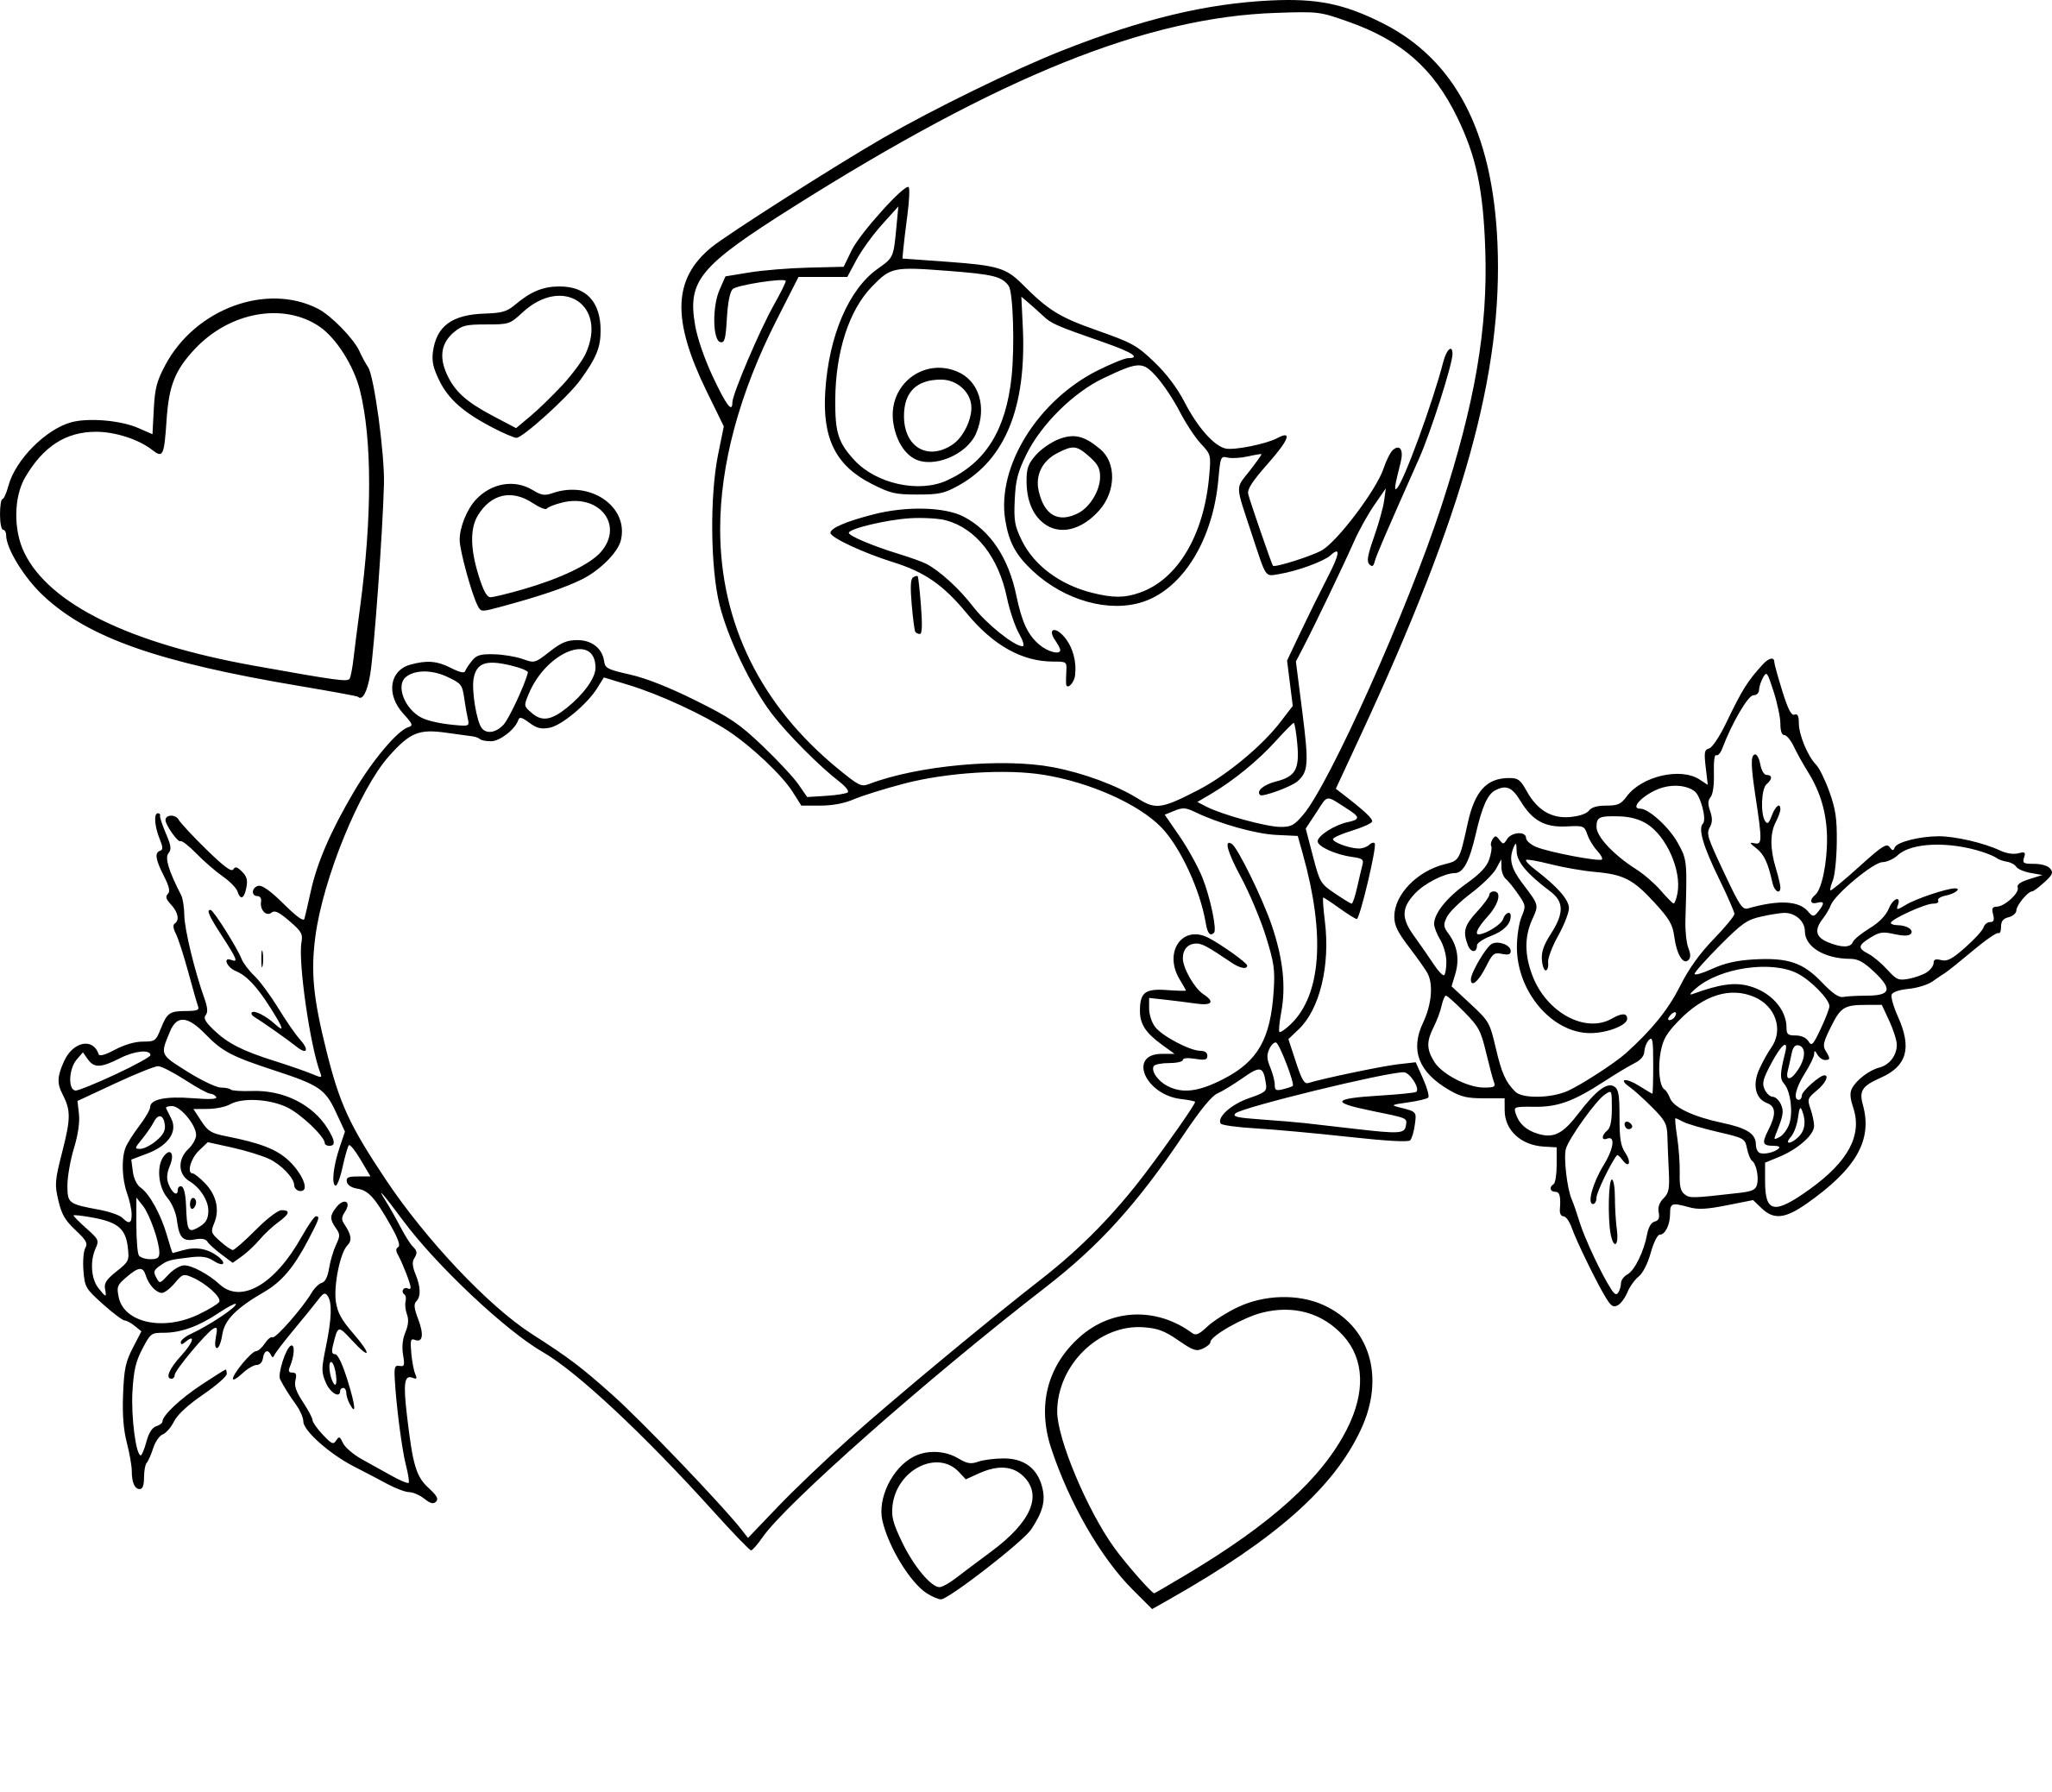 Coloriage Calimero Saint-Valentin À Imprimer Sur Coloriages encequiconcerne Coloriage De St Valentin